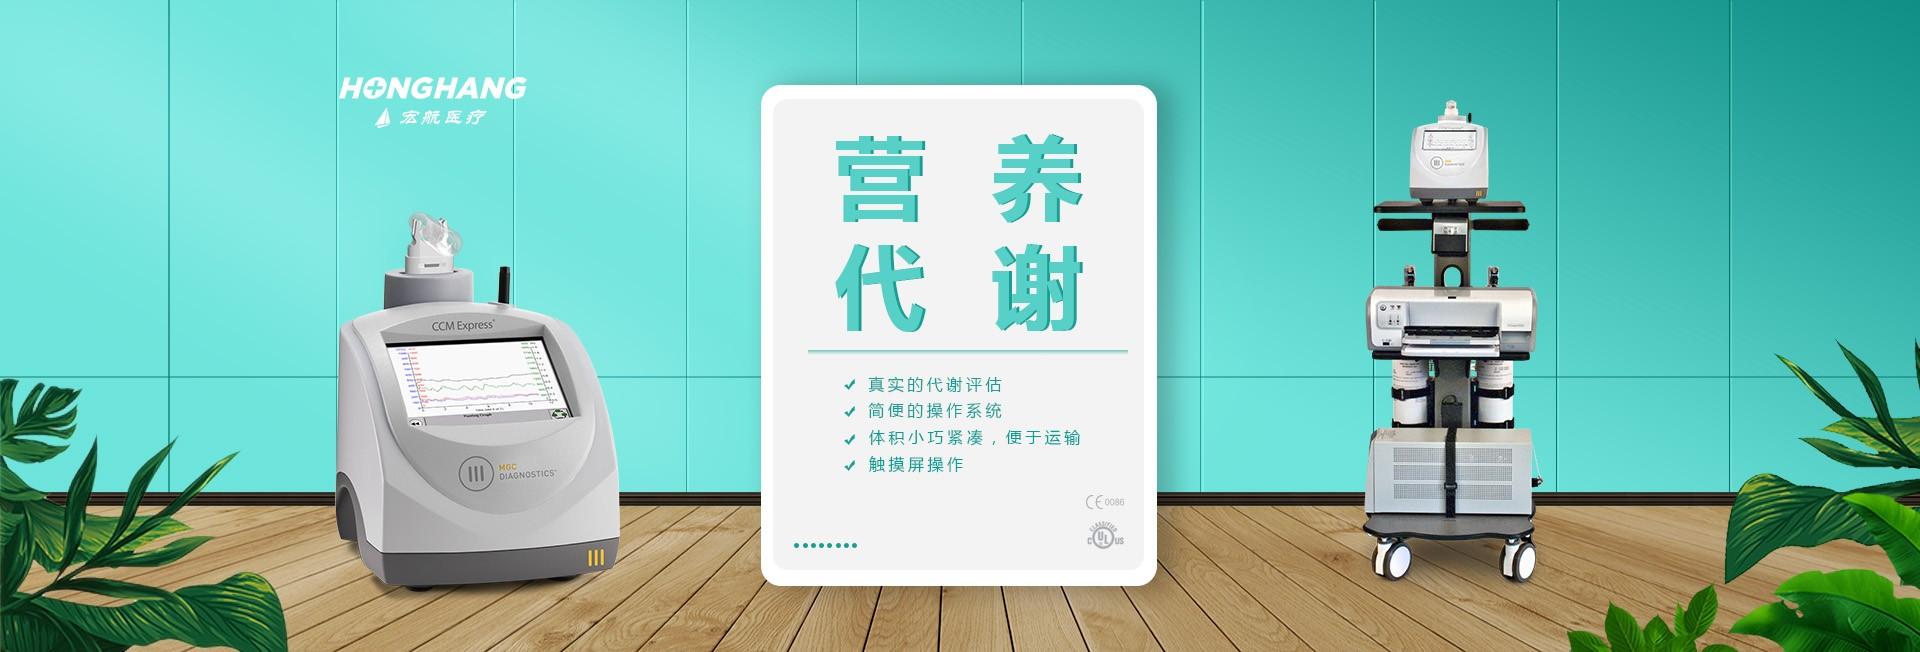 雅安肺功能仪公司